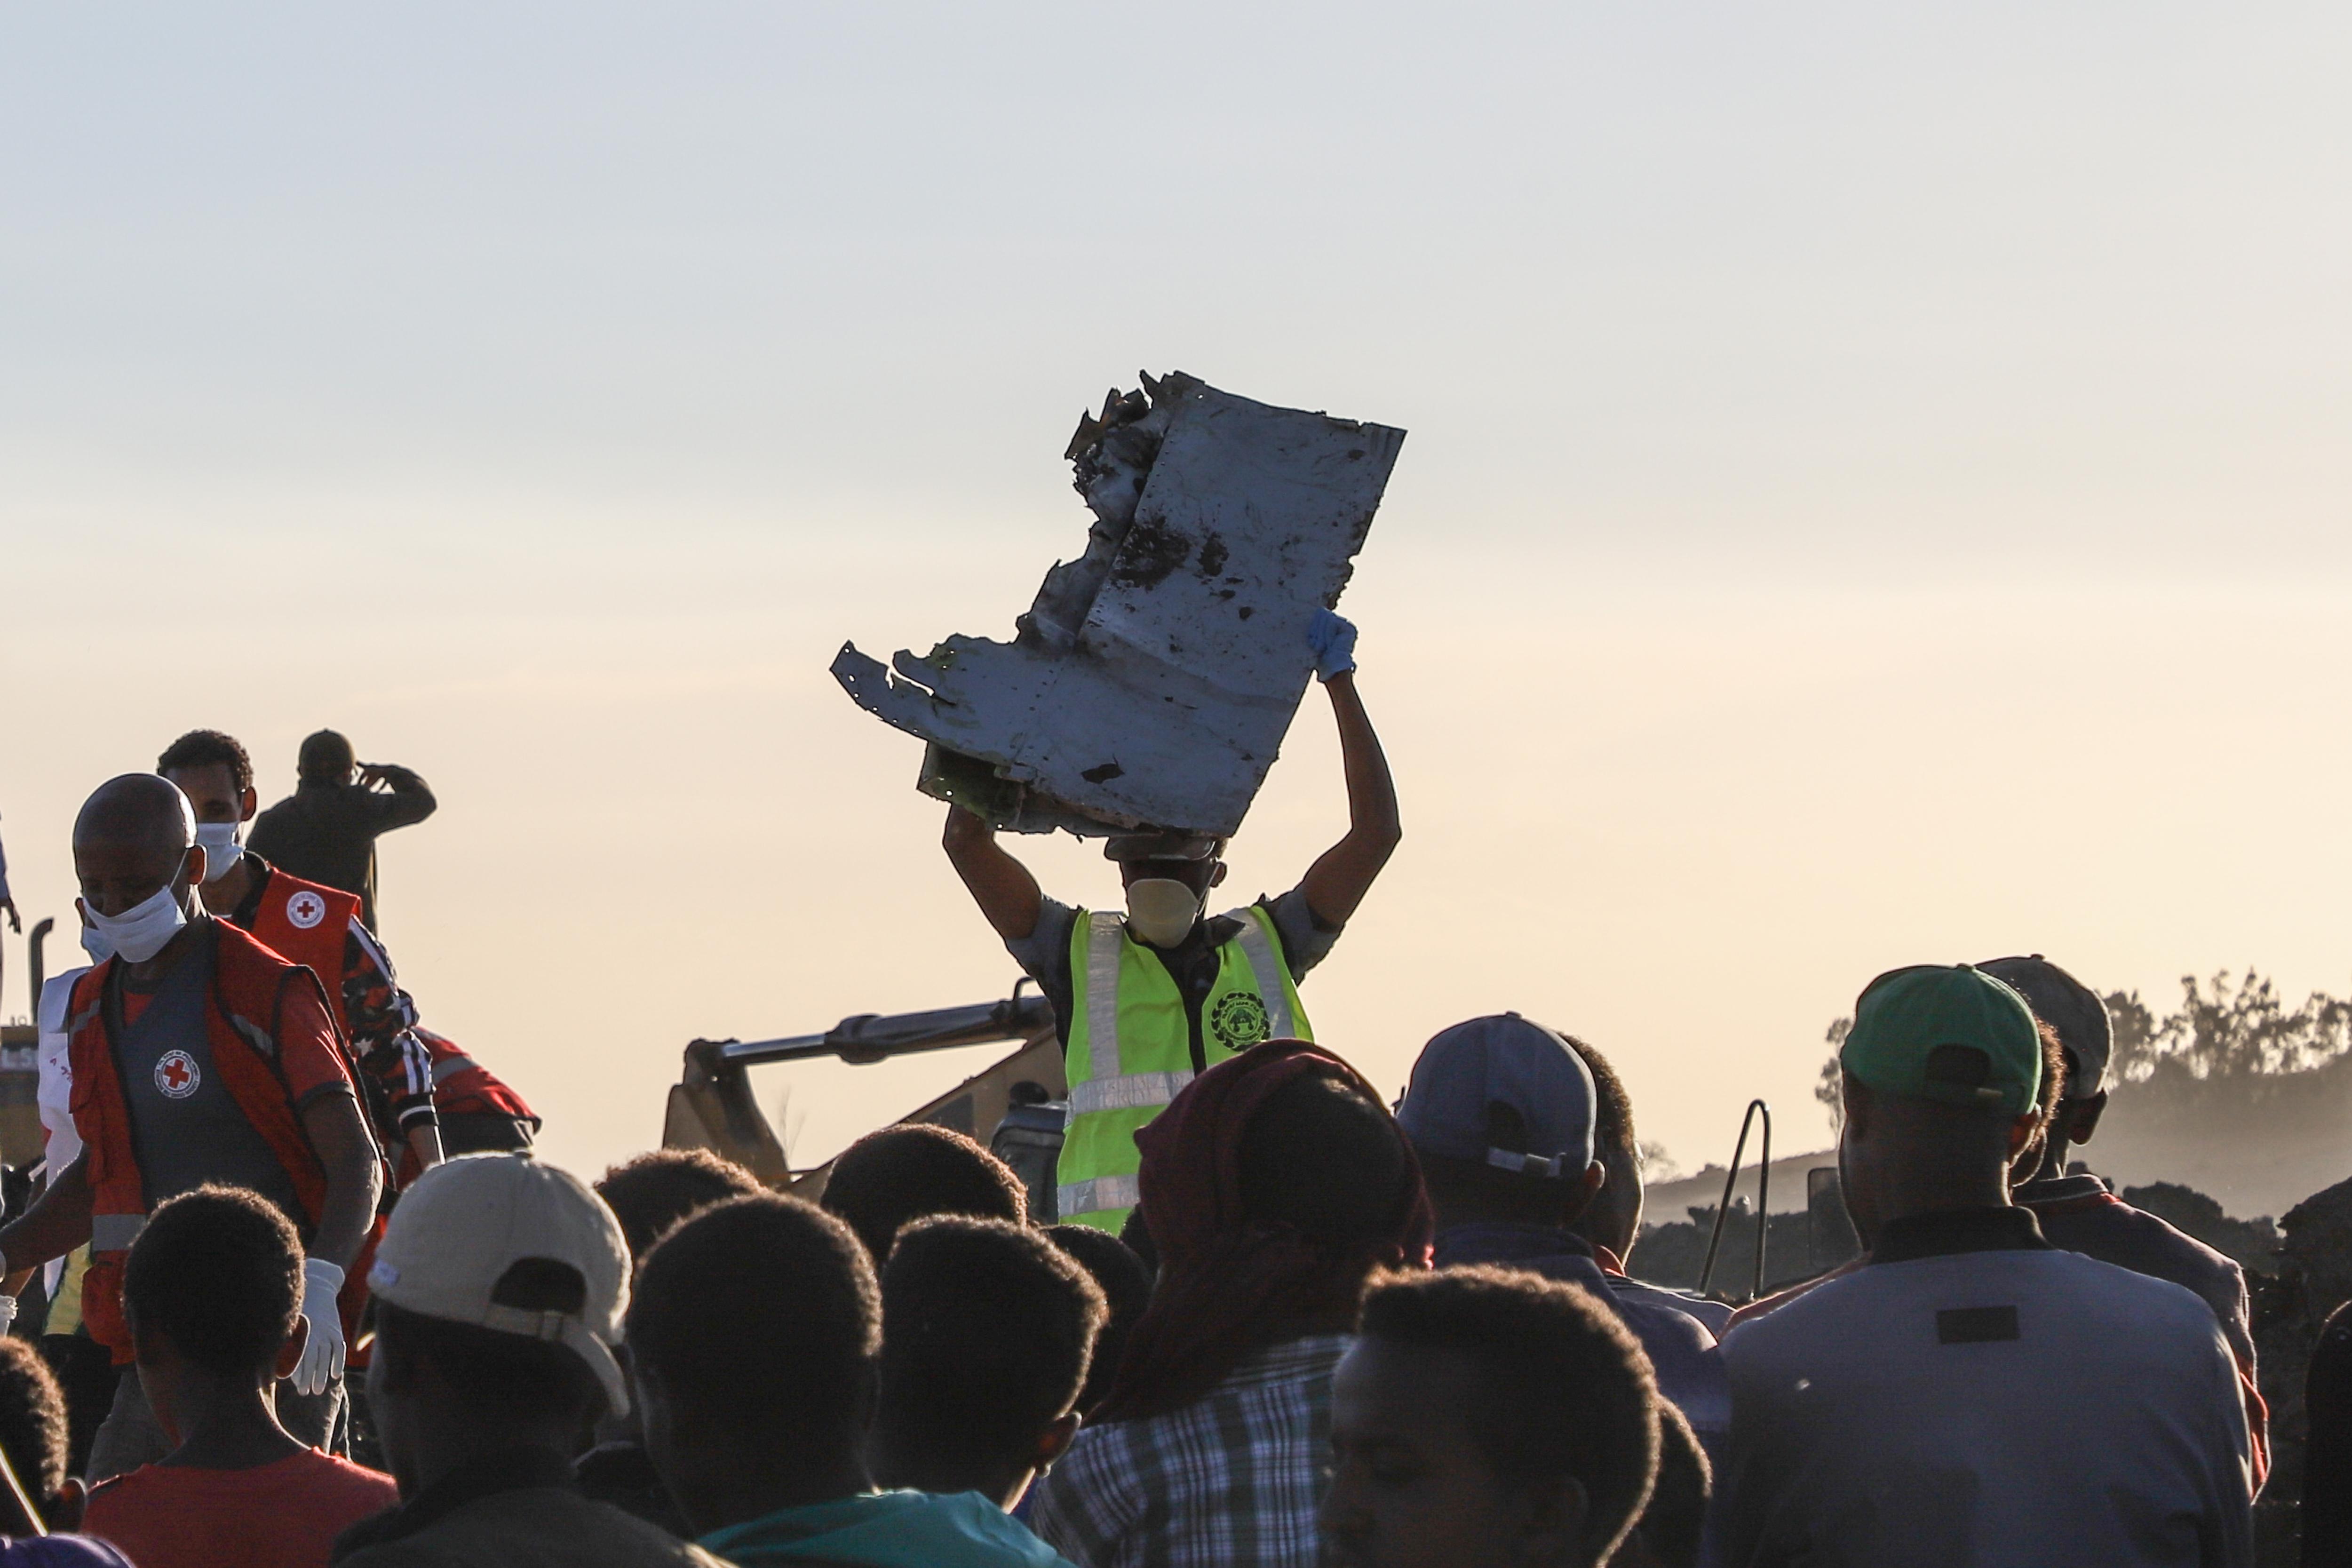 40 másodpercük lett volna a lezuhant Boeingek pilótáinak, hogy megoldjanak egy problémát, aminek a létezéséről se tudtak